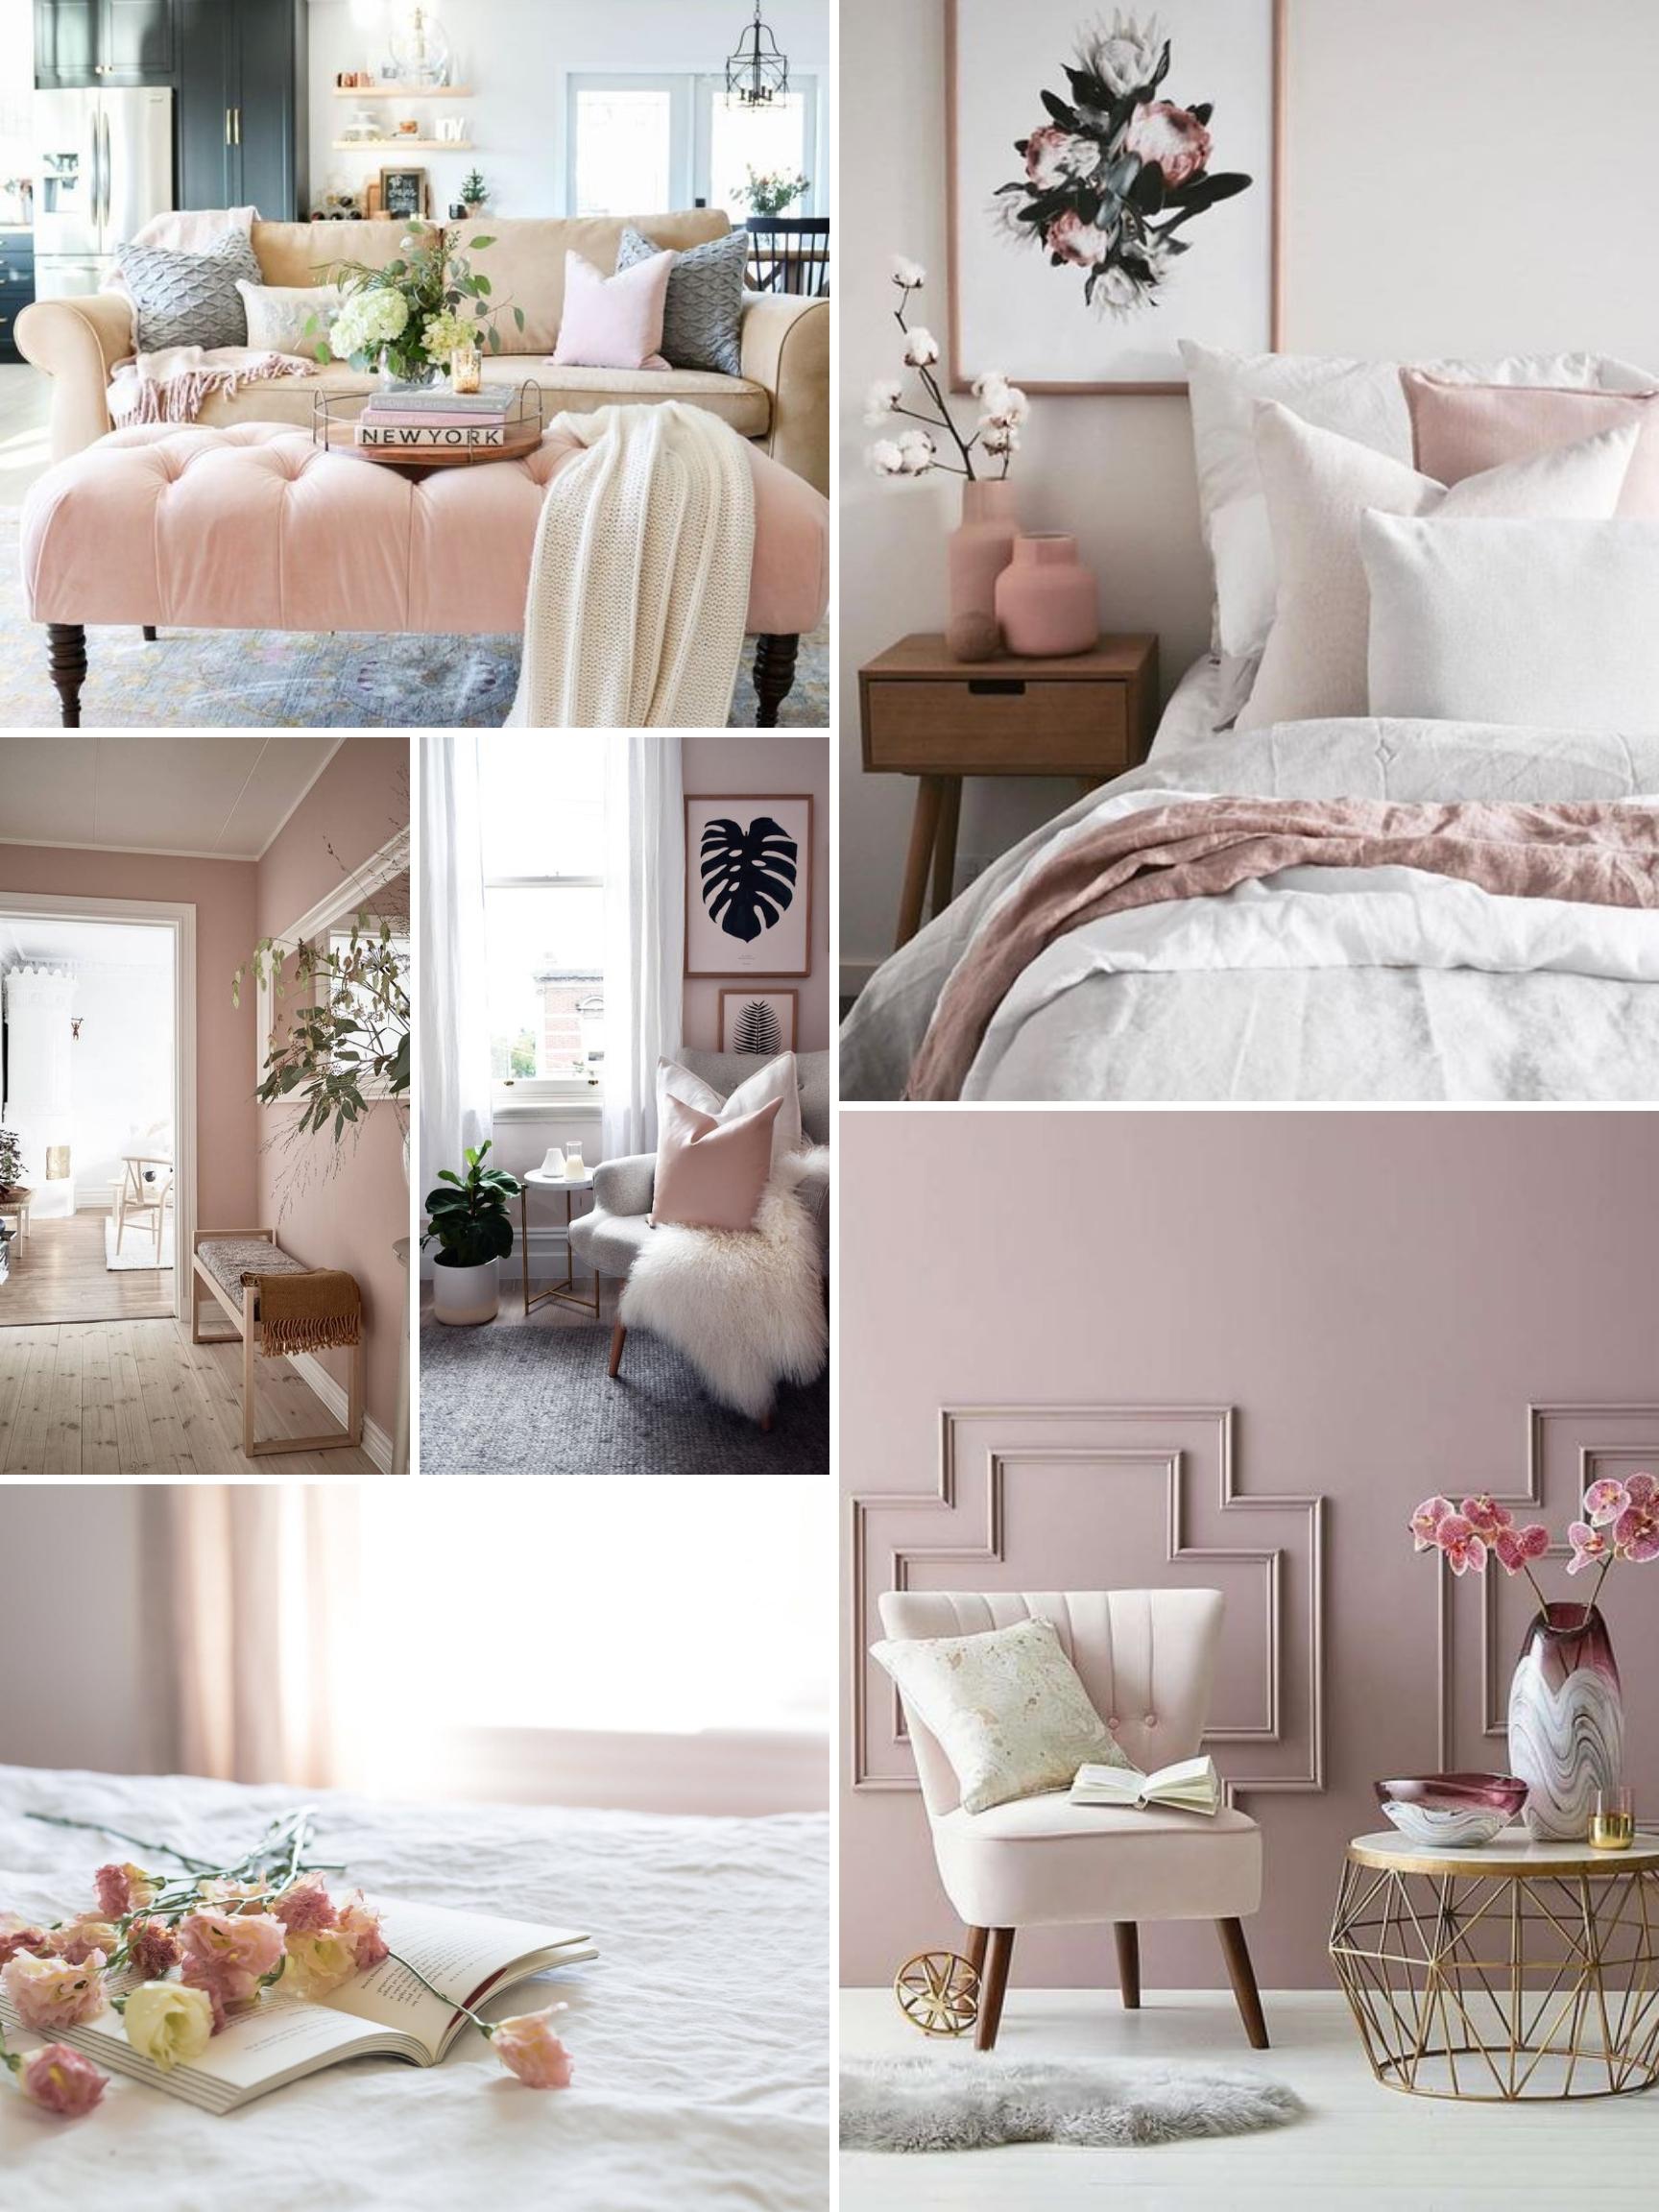 inspo board for blush home design